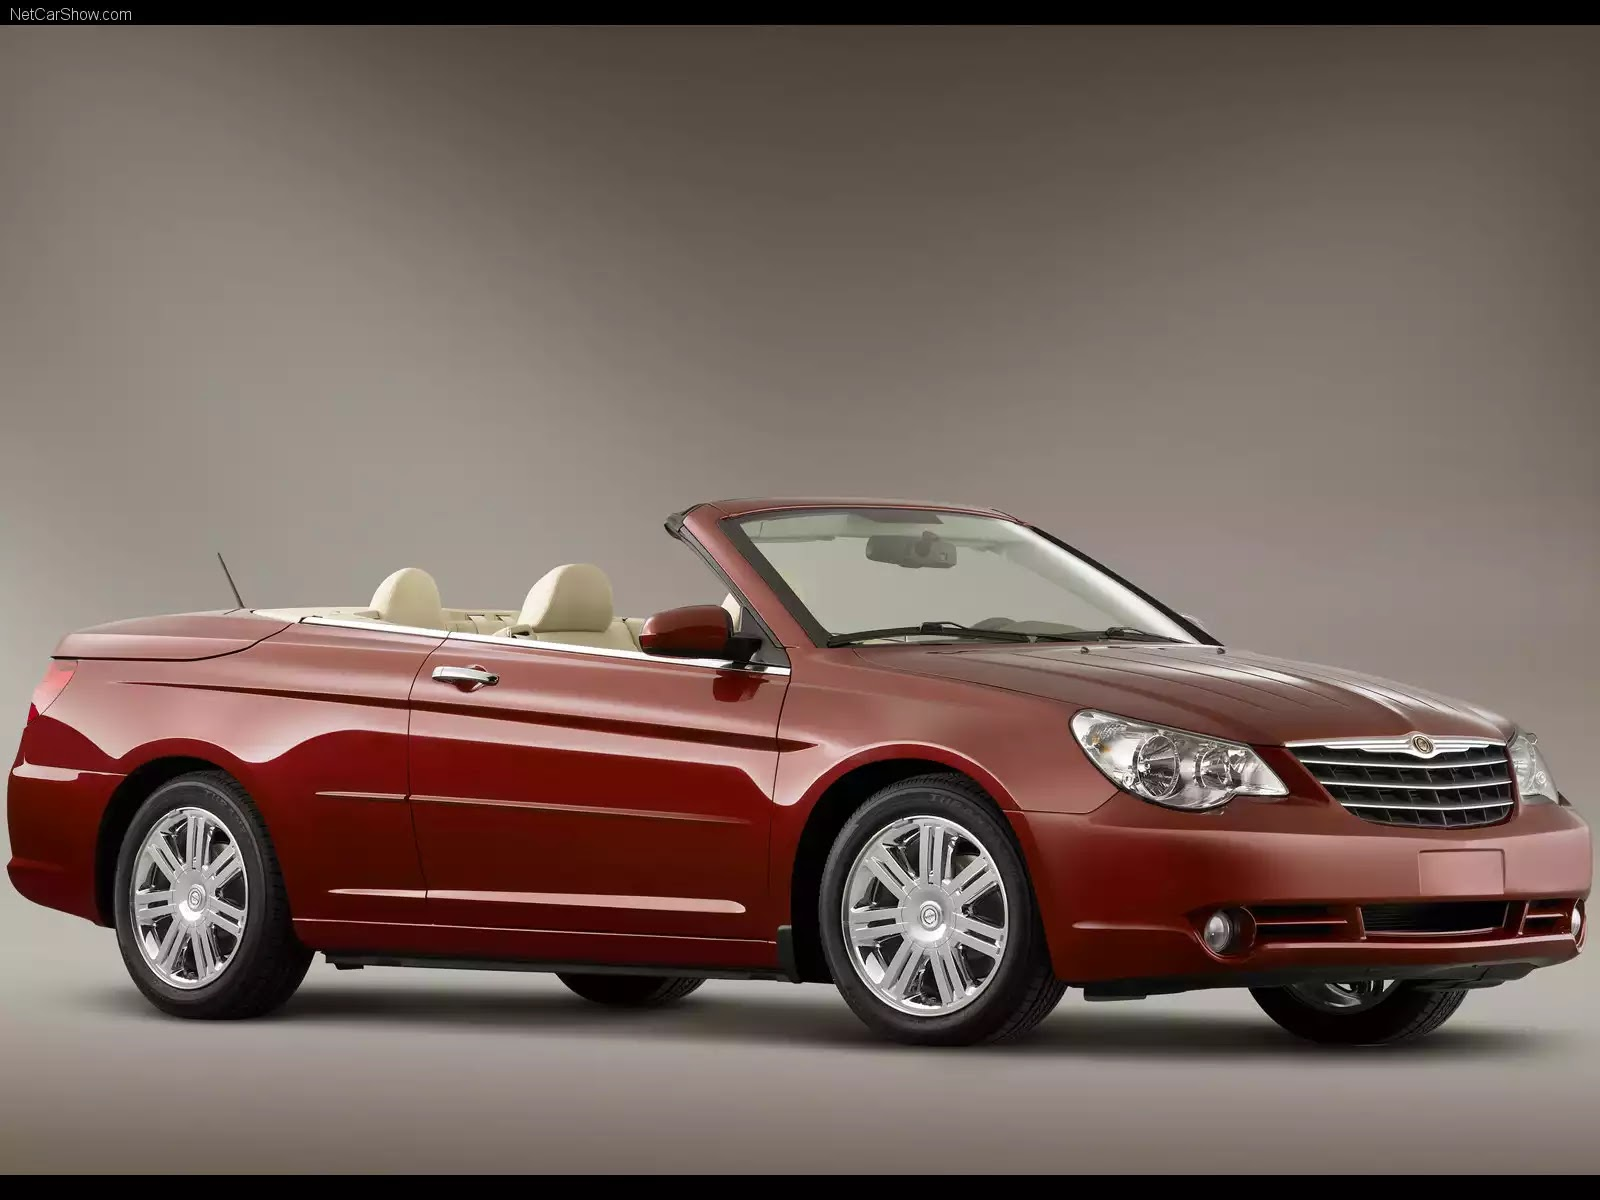 Hình ảnh xe ô tô Chrysler Sebring Convertible 2008 & nội ngoại thất